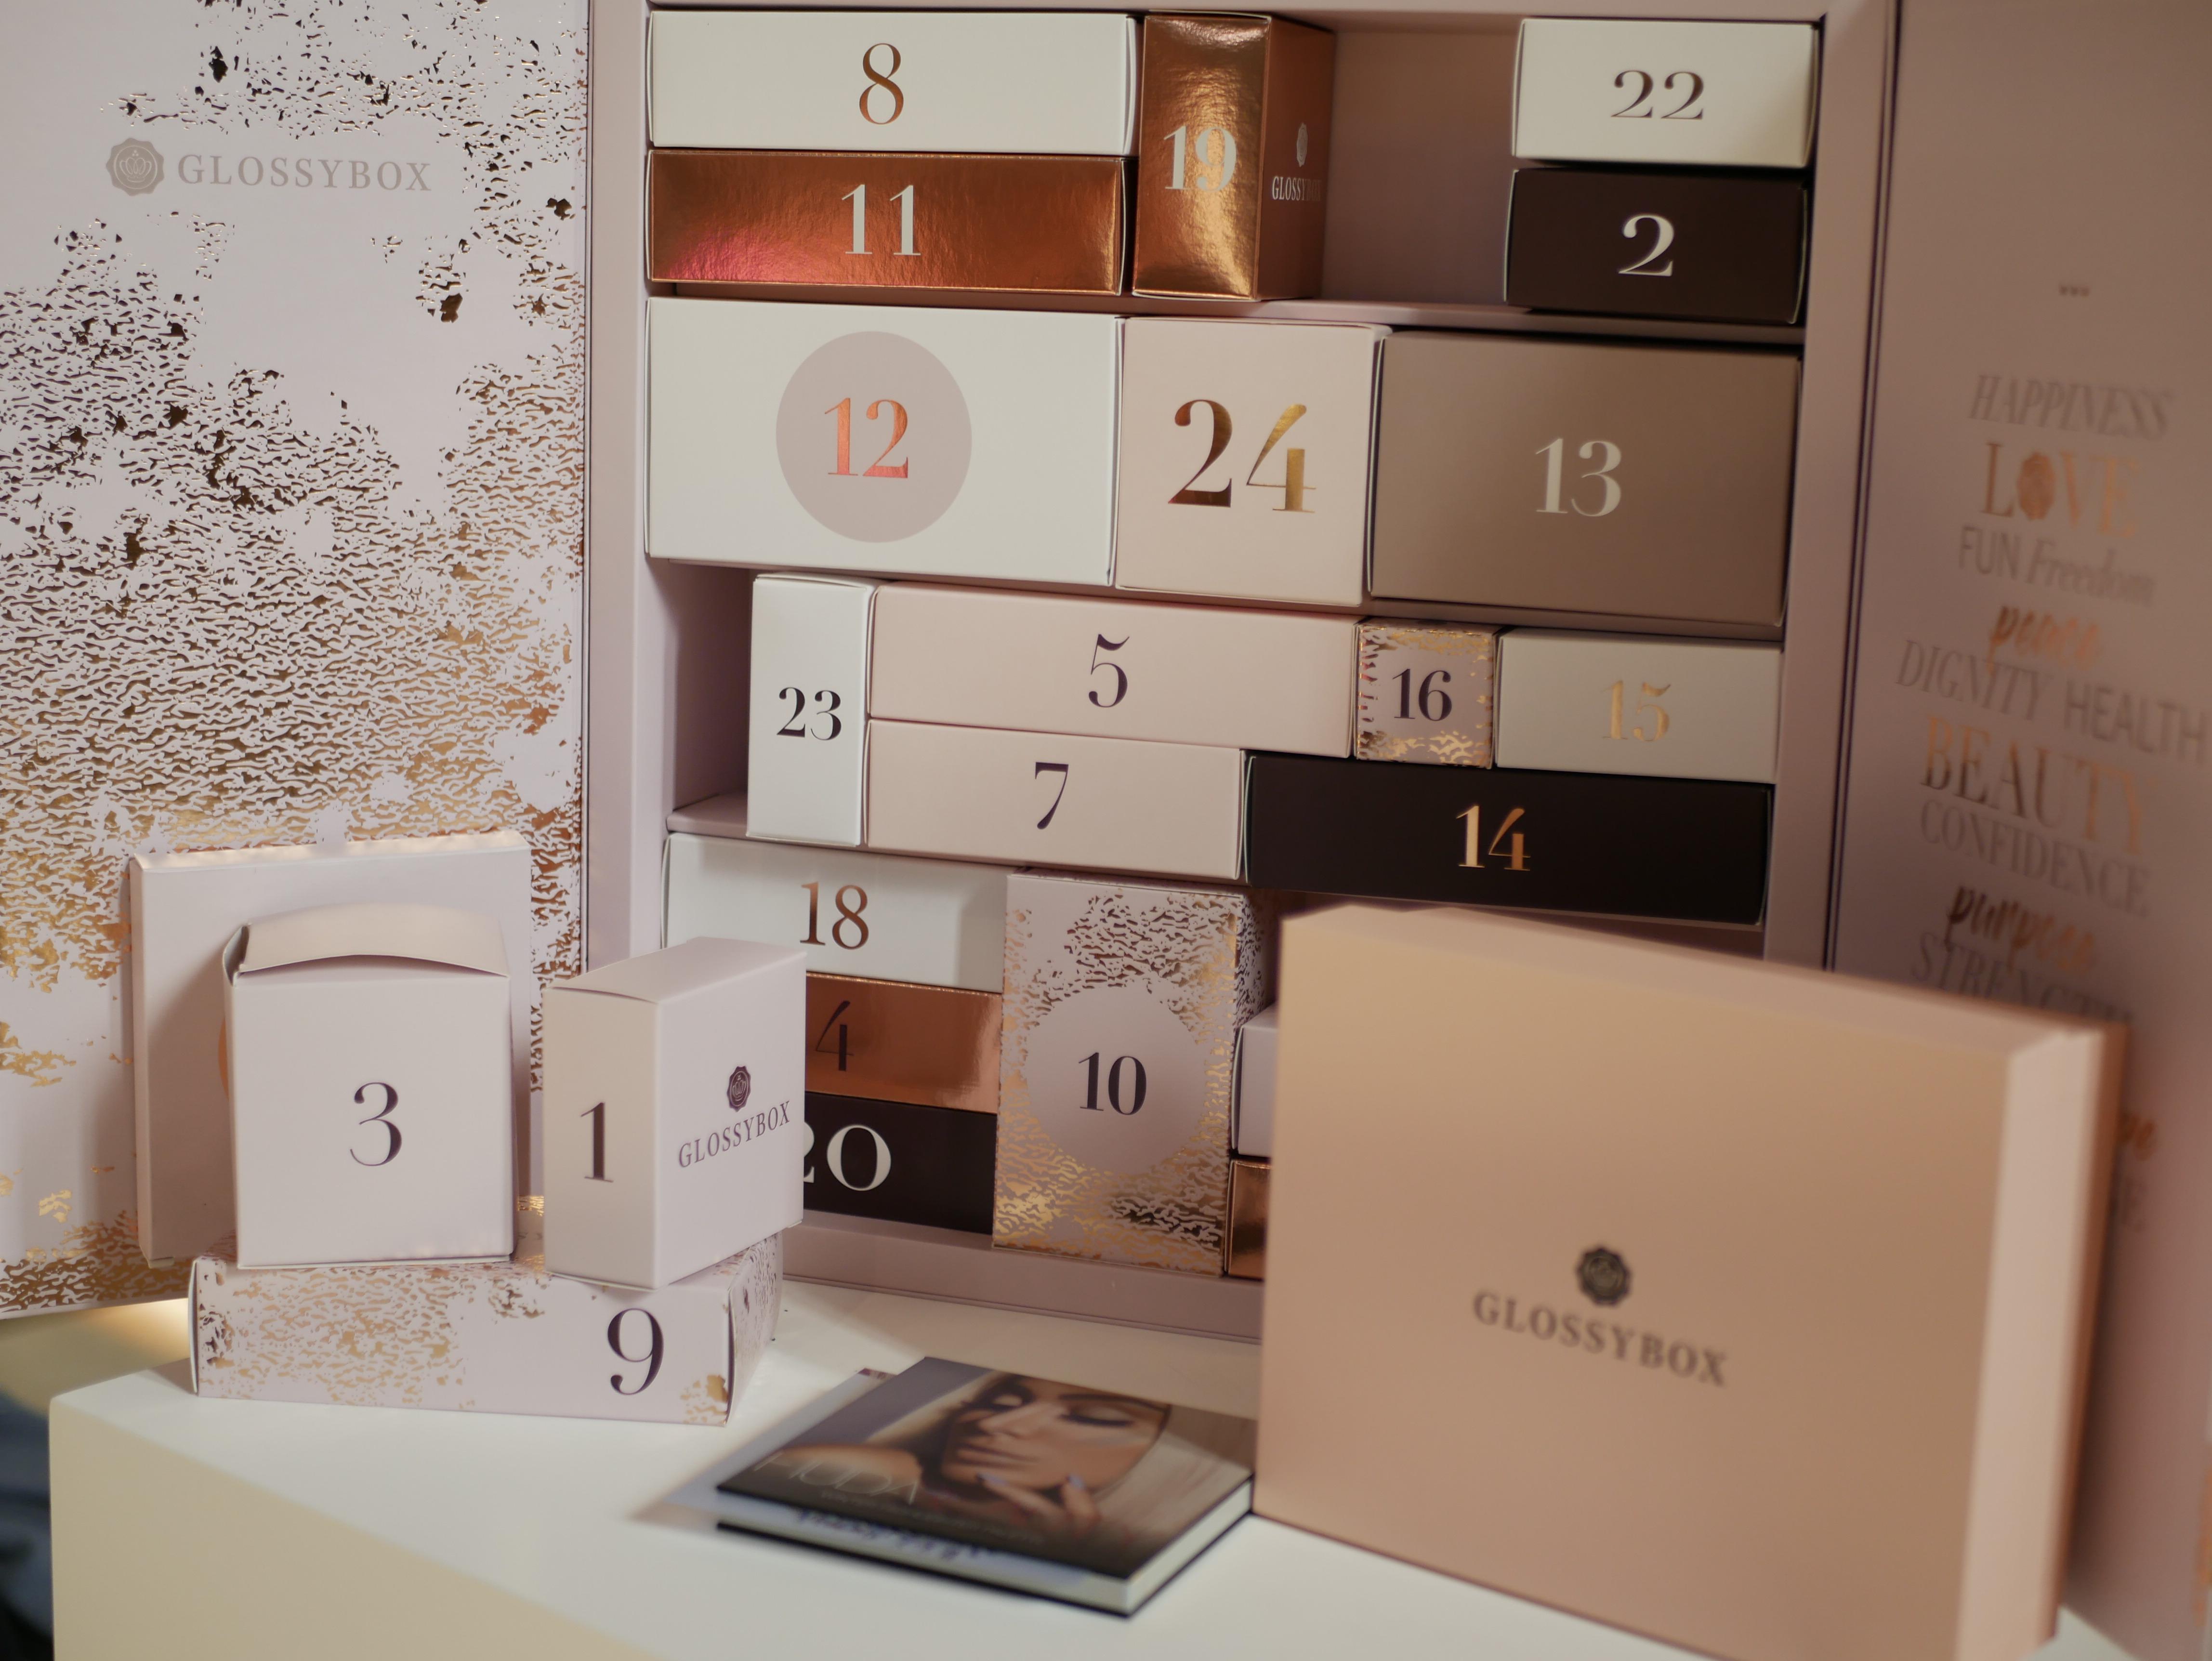 The Hut group köpte Glossybox tidigare i år och märket ger nu ut sin första